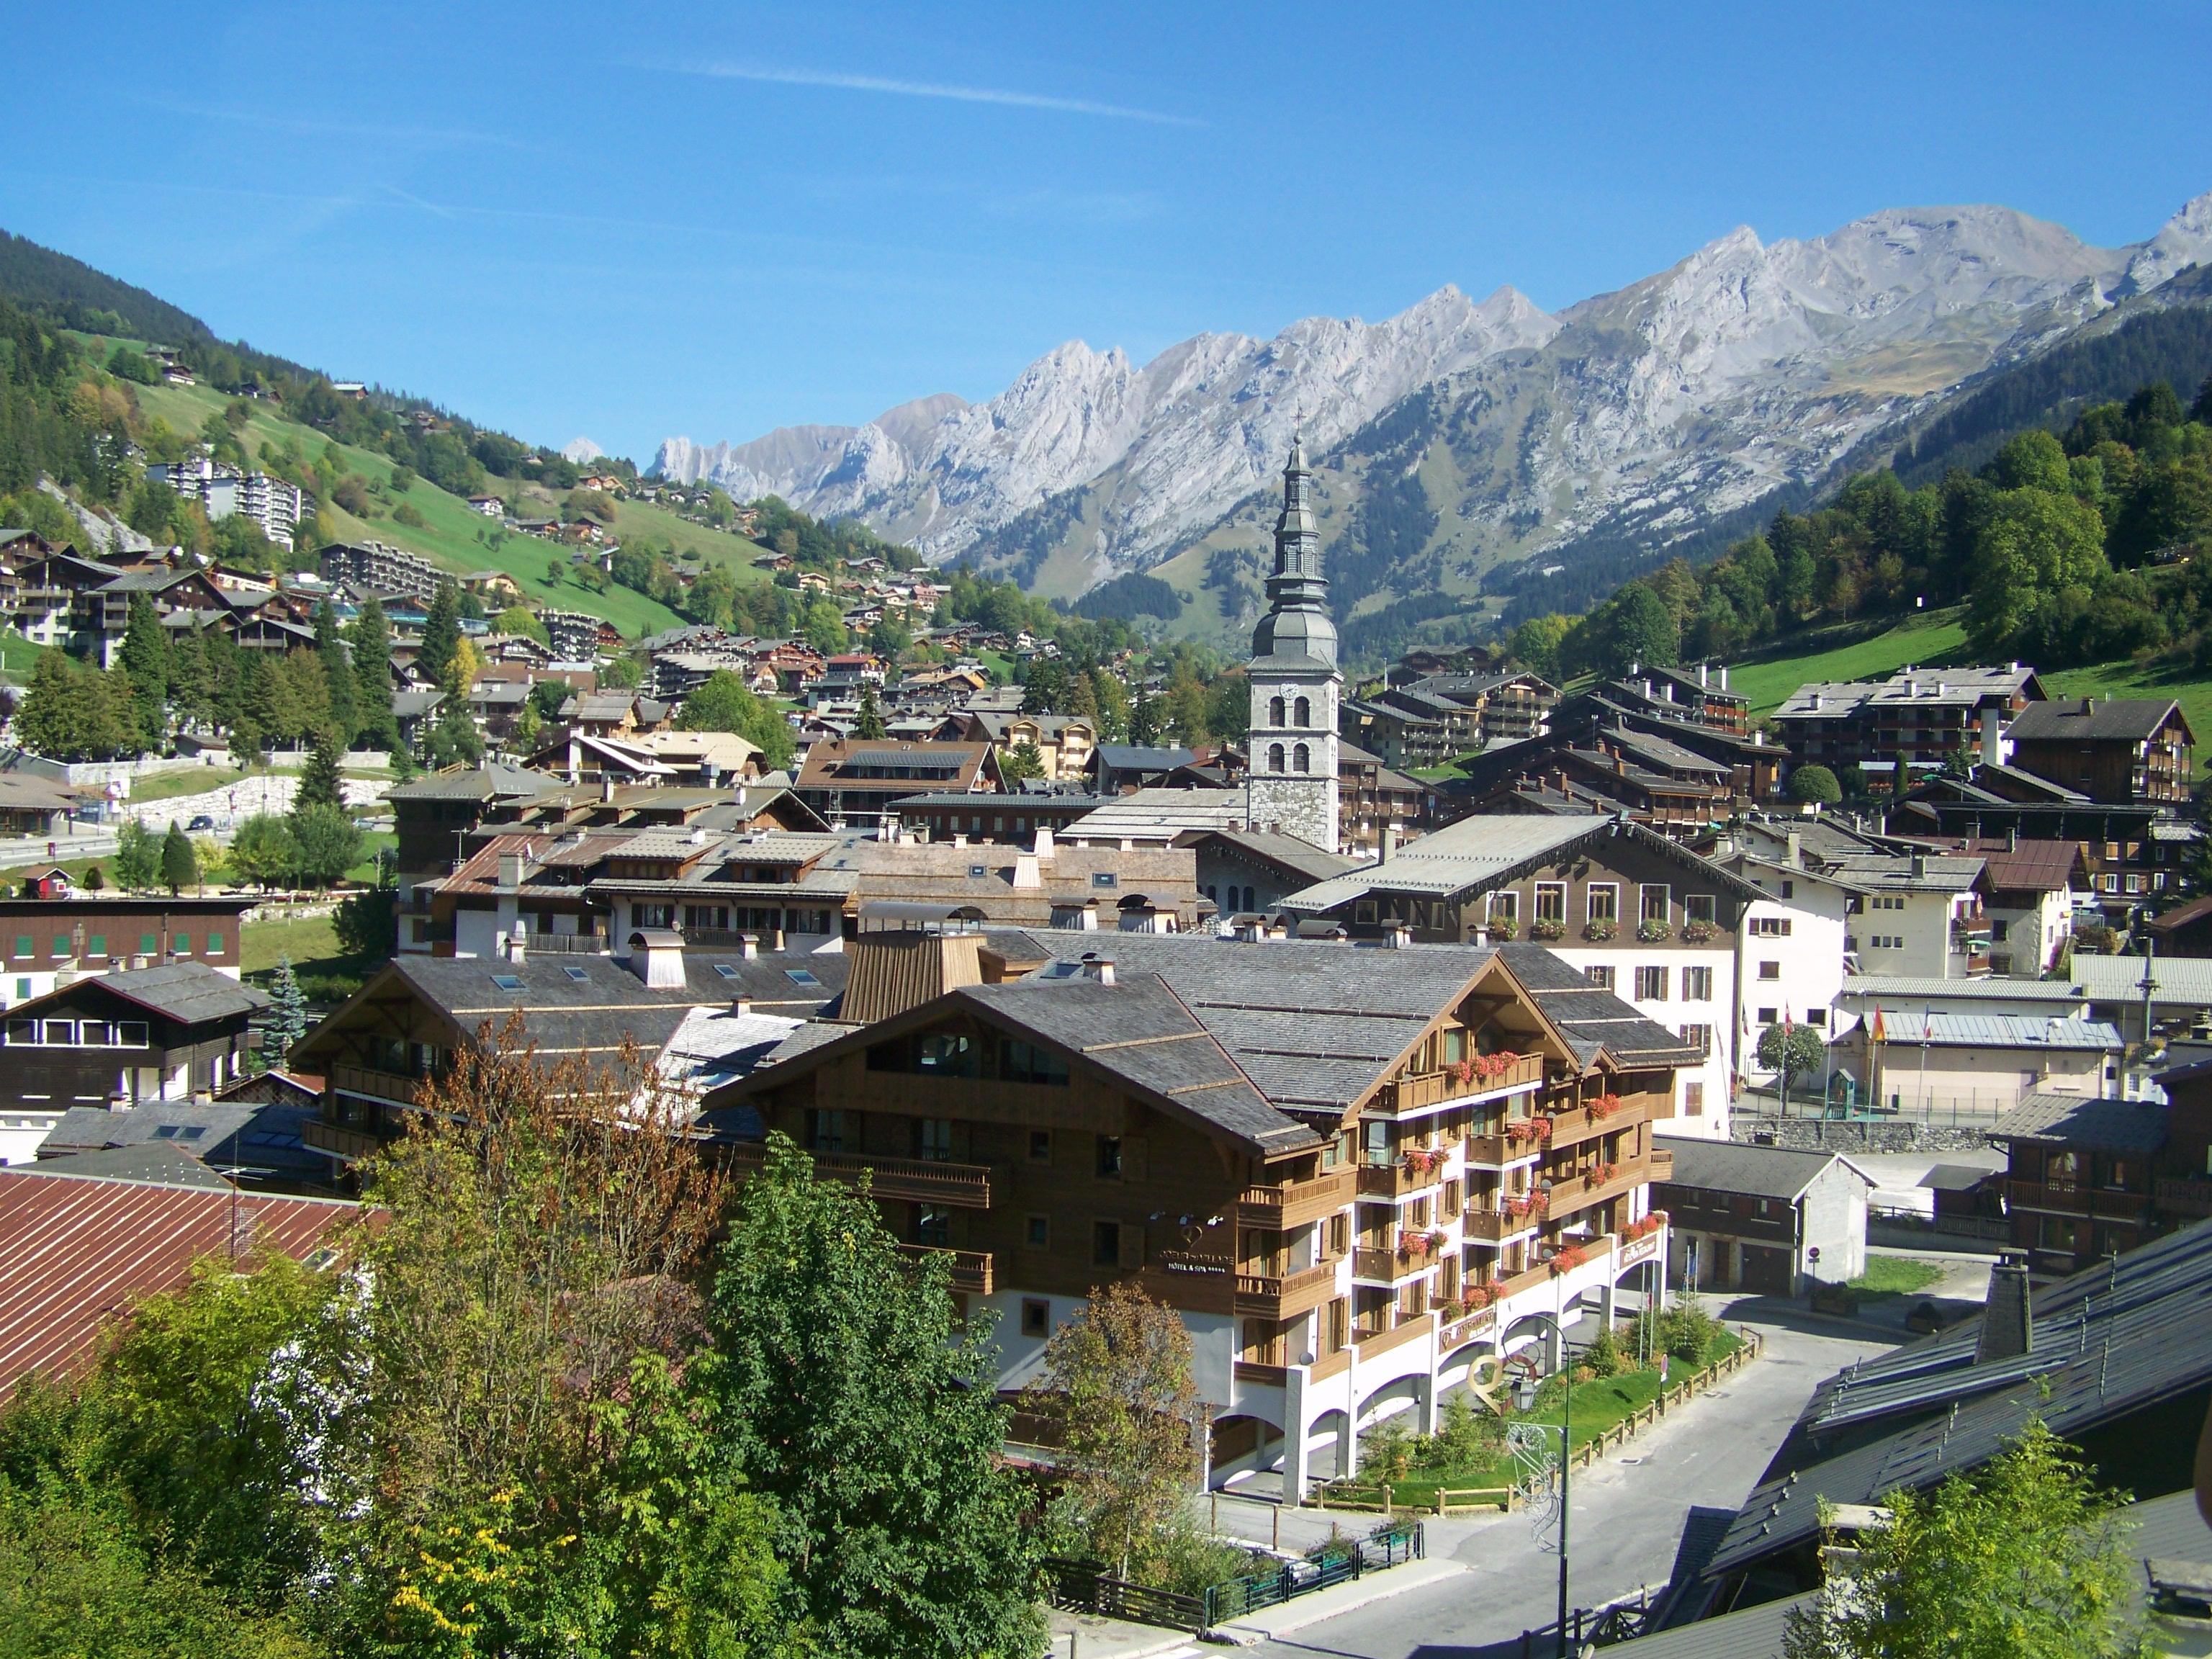 Rencontre Femme Haute Savoie - Site de rencontre gratuit Haute Savoie